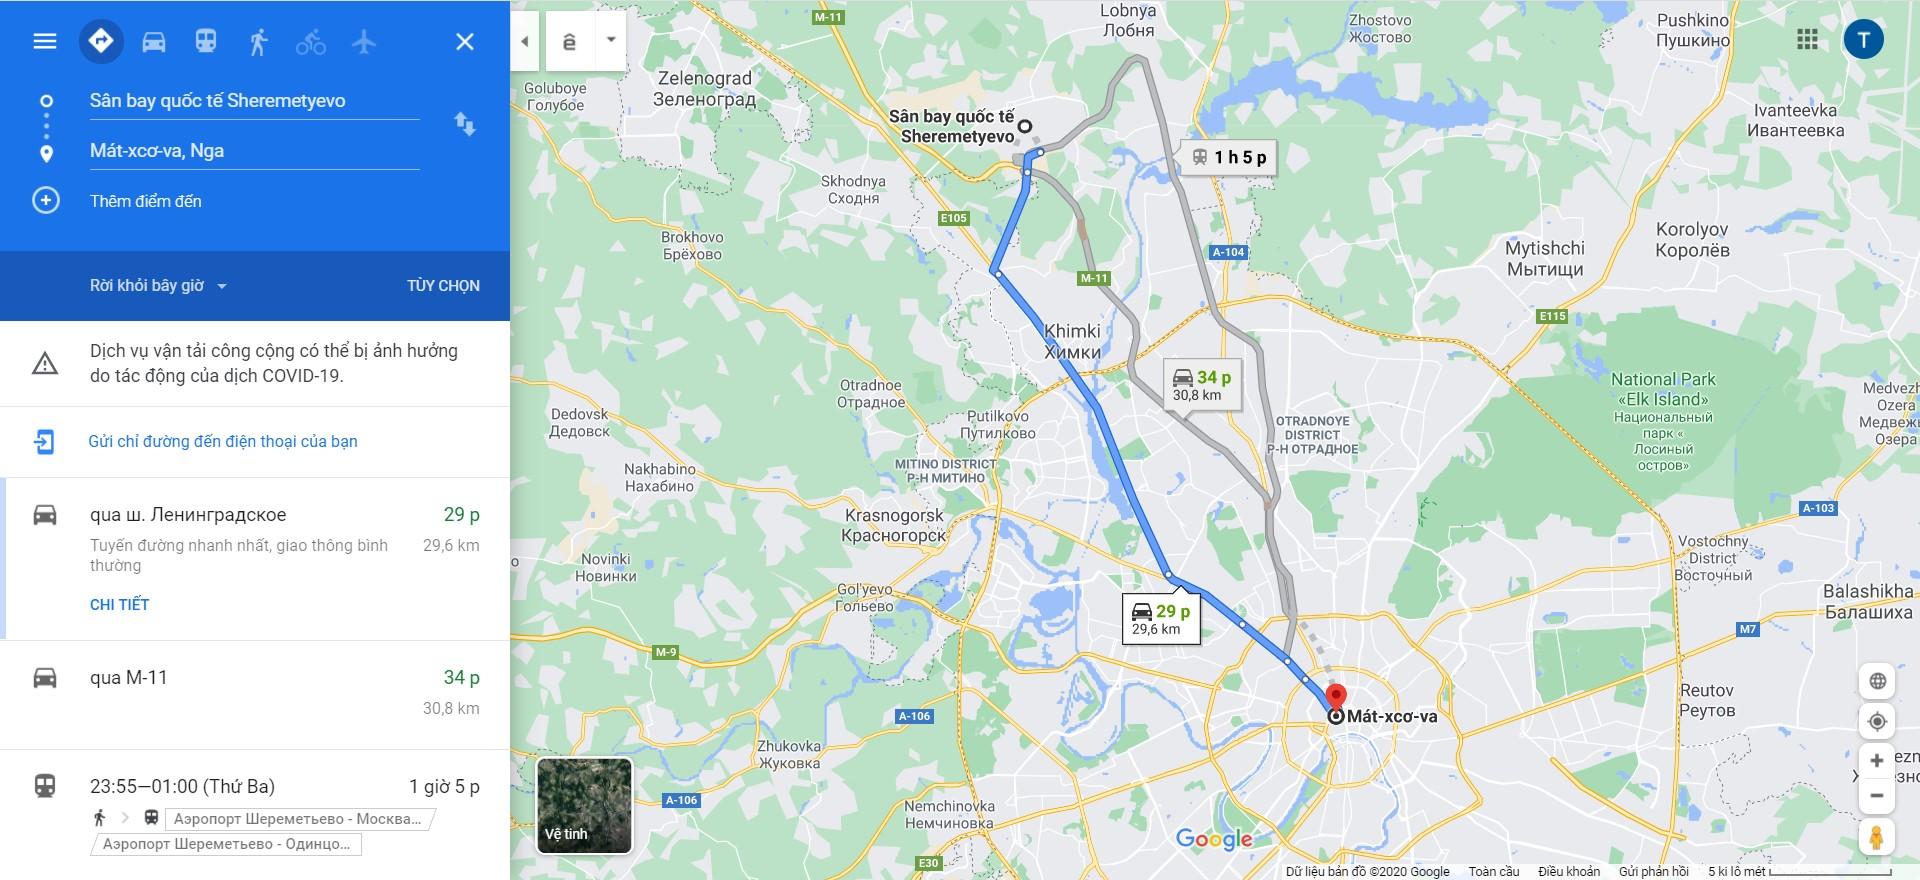 Thời gian di chuyển từ sân bay Sheremetyevo đến trung tâm thành phố Moscow